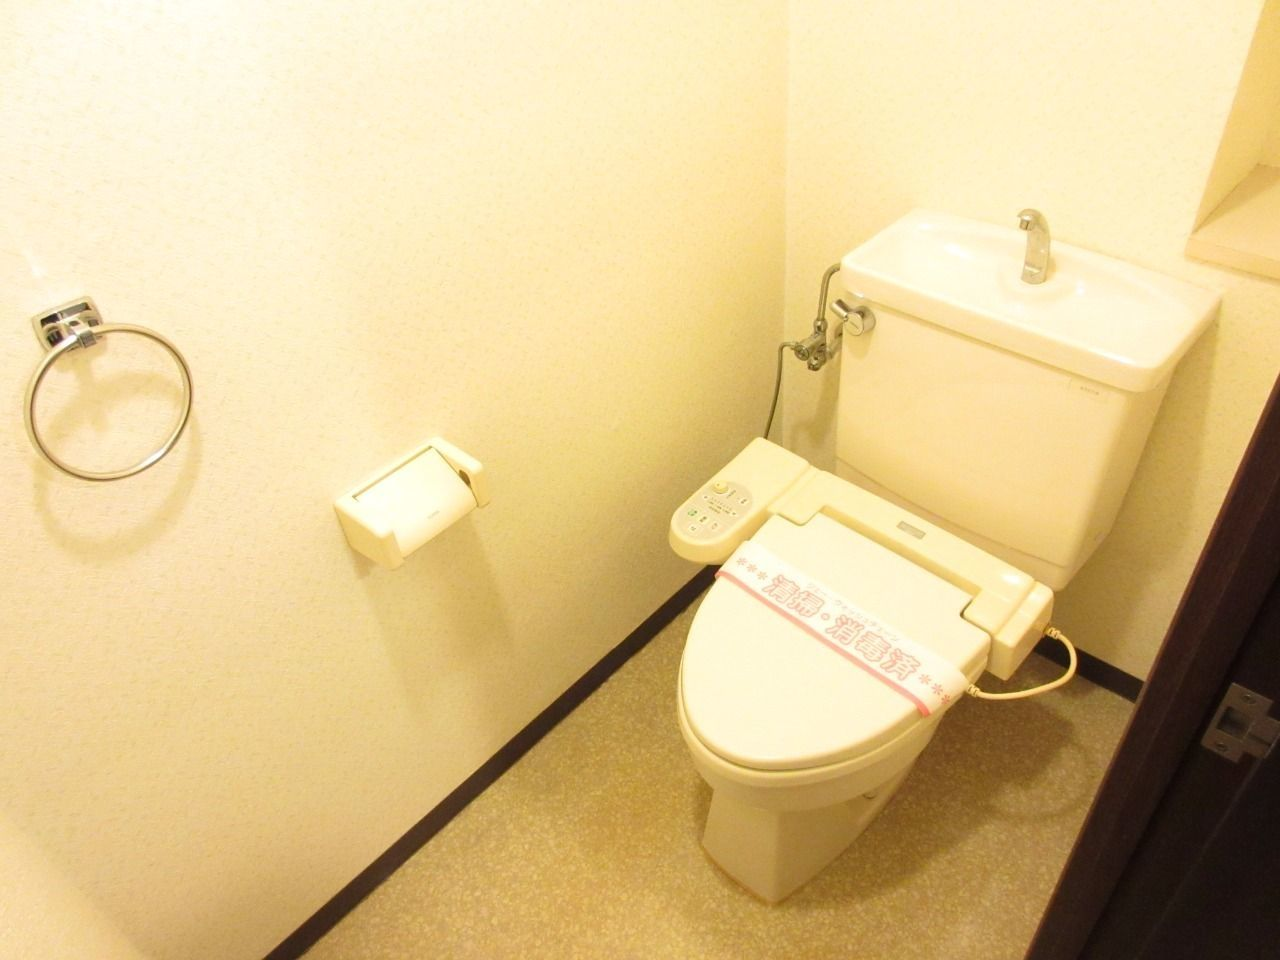 清潔な洗浄機能付シャワートイレ